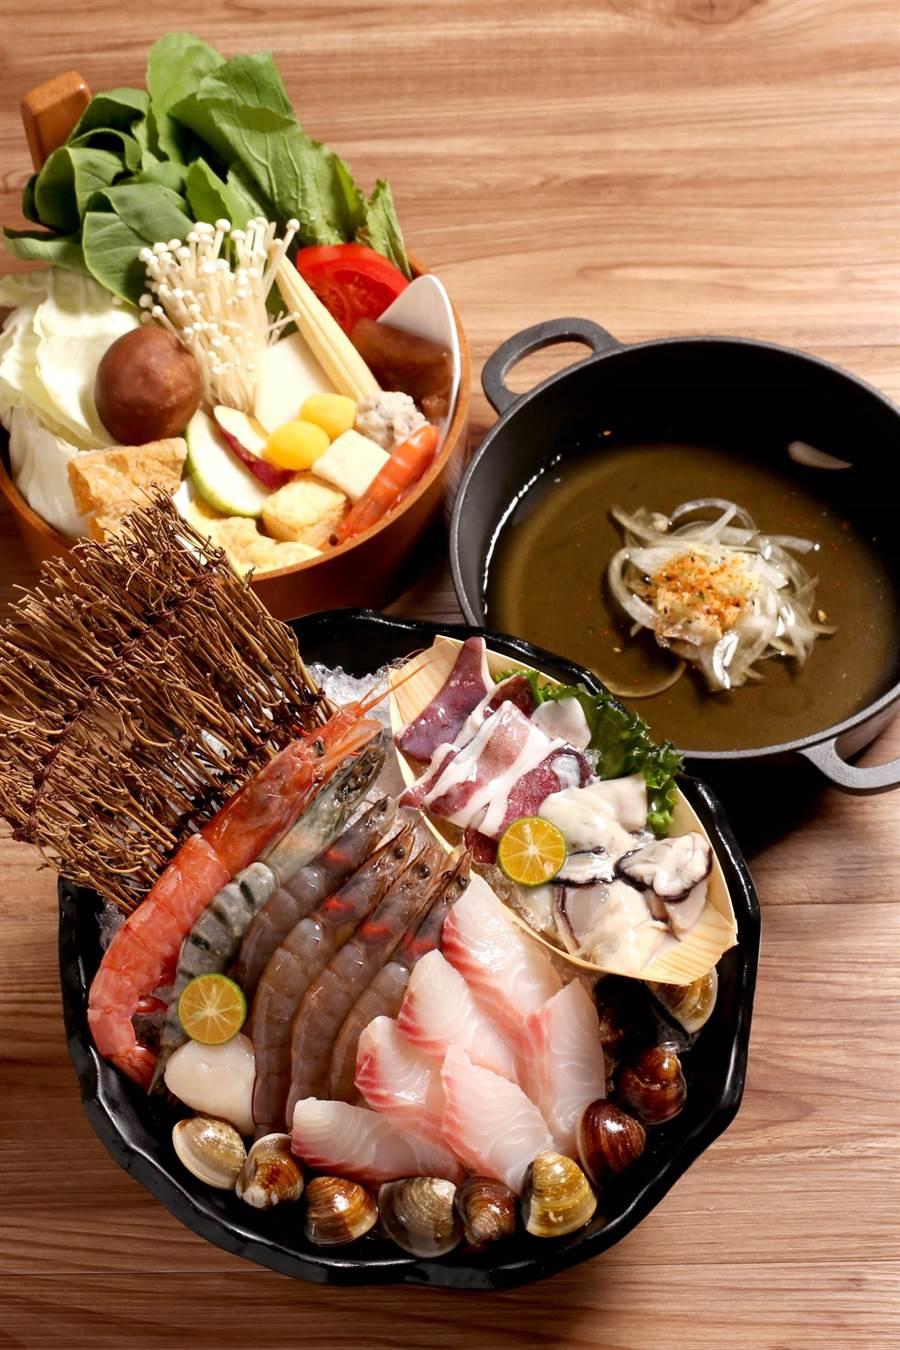 「這一小鍋」推出海鮮控必吃菜單,任選一道主餐皆可加價升級成海陸雙拼套餐。(圖/業者)